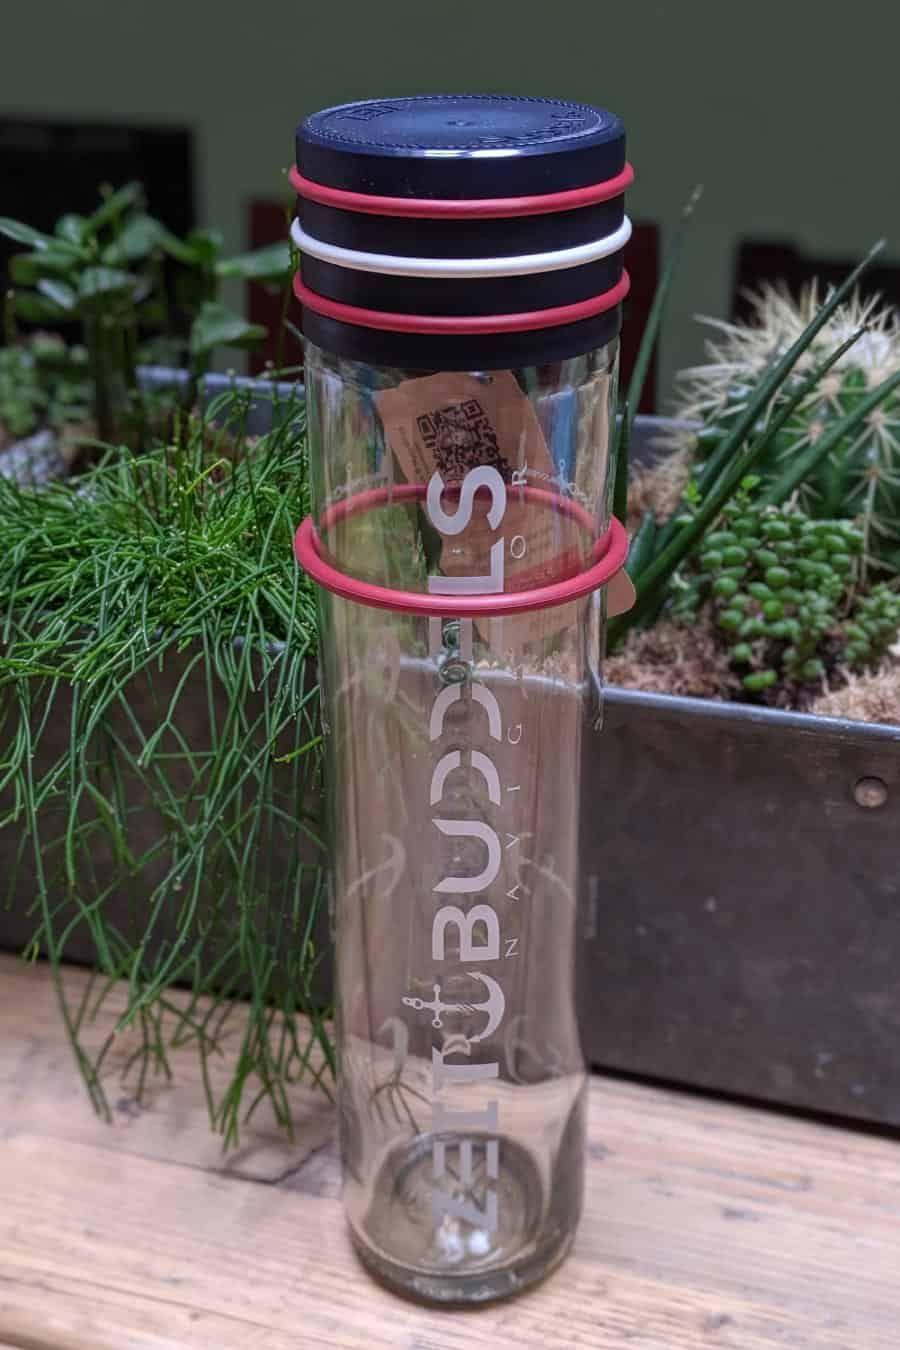 Glas Trinkflaschen 1 Liter Die Grosse Ubersicht Glas Trinkflaschen De In 2020 Trinkflasche Trinkflasche Glas Flaschen